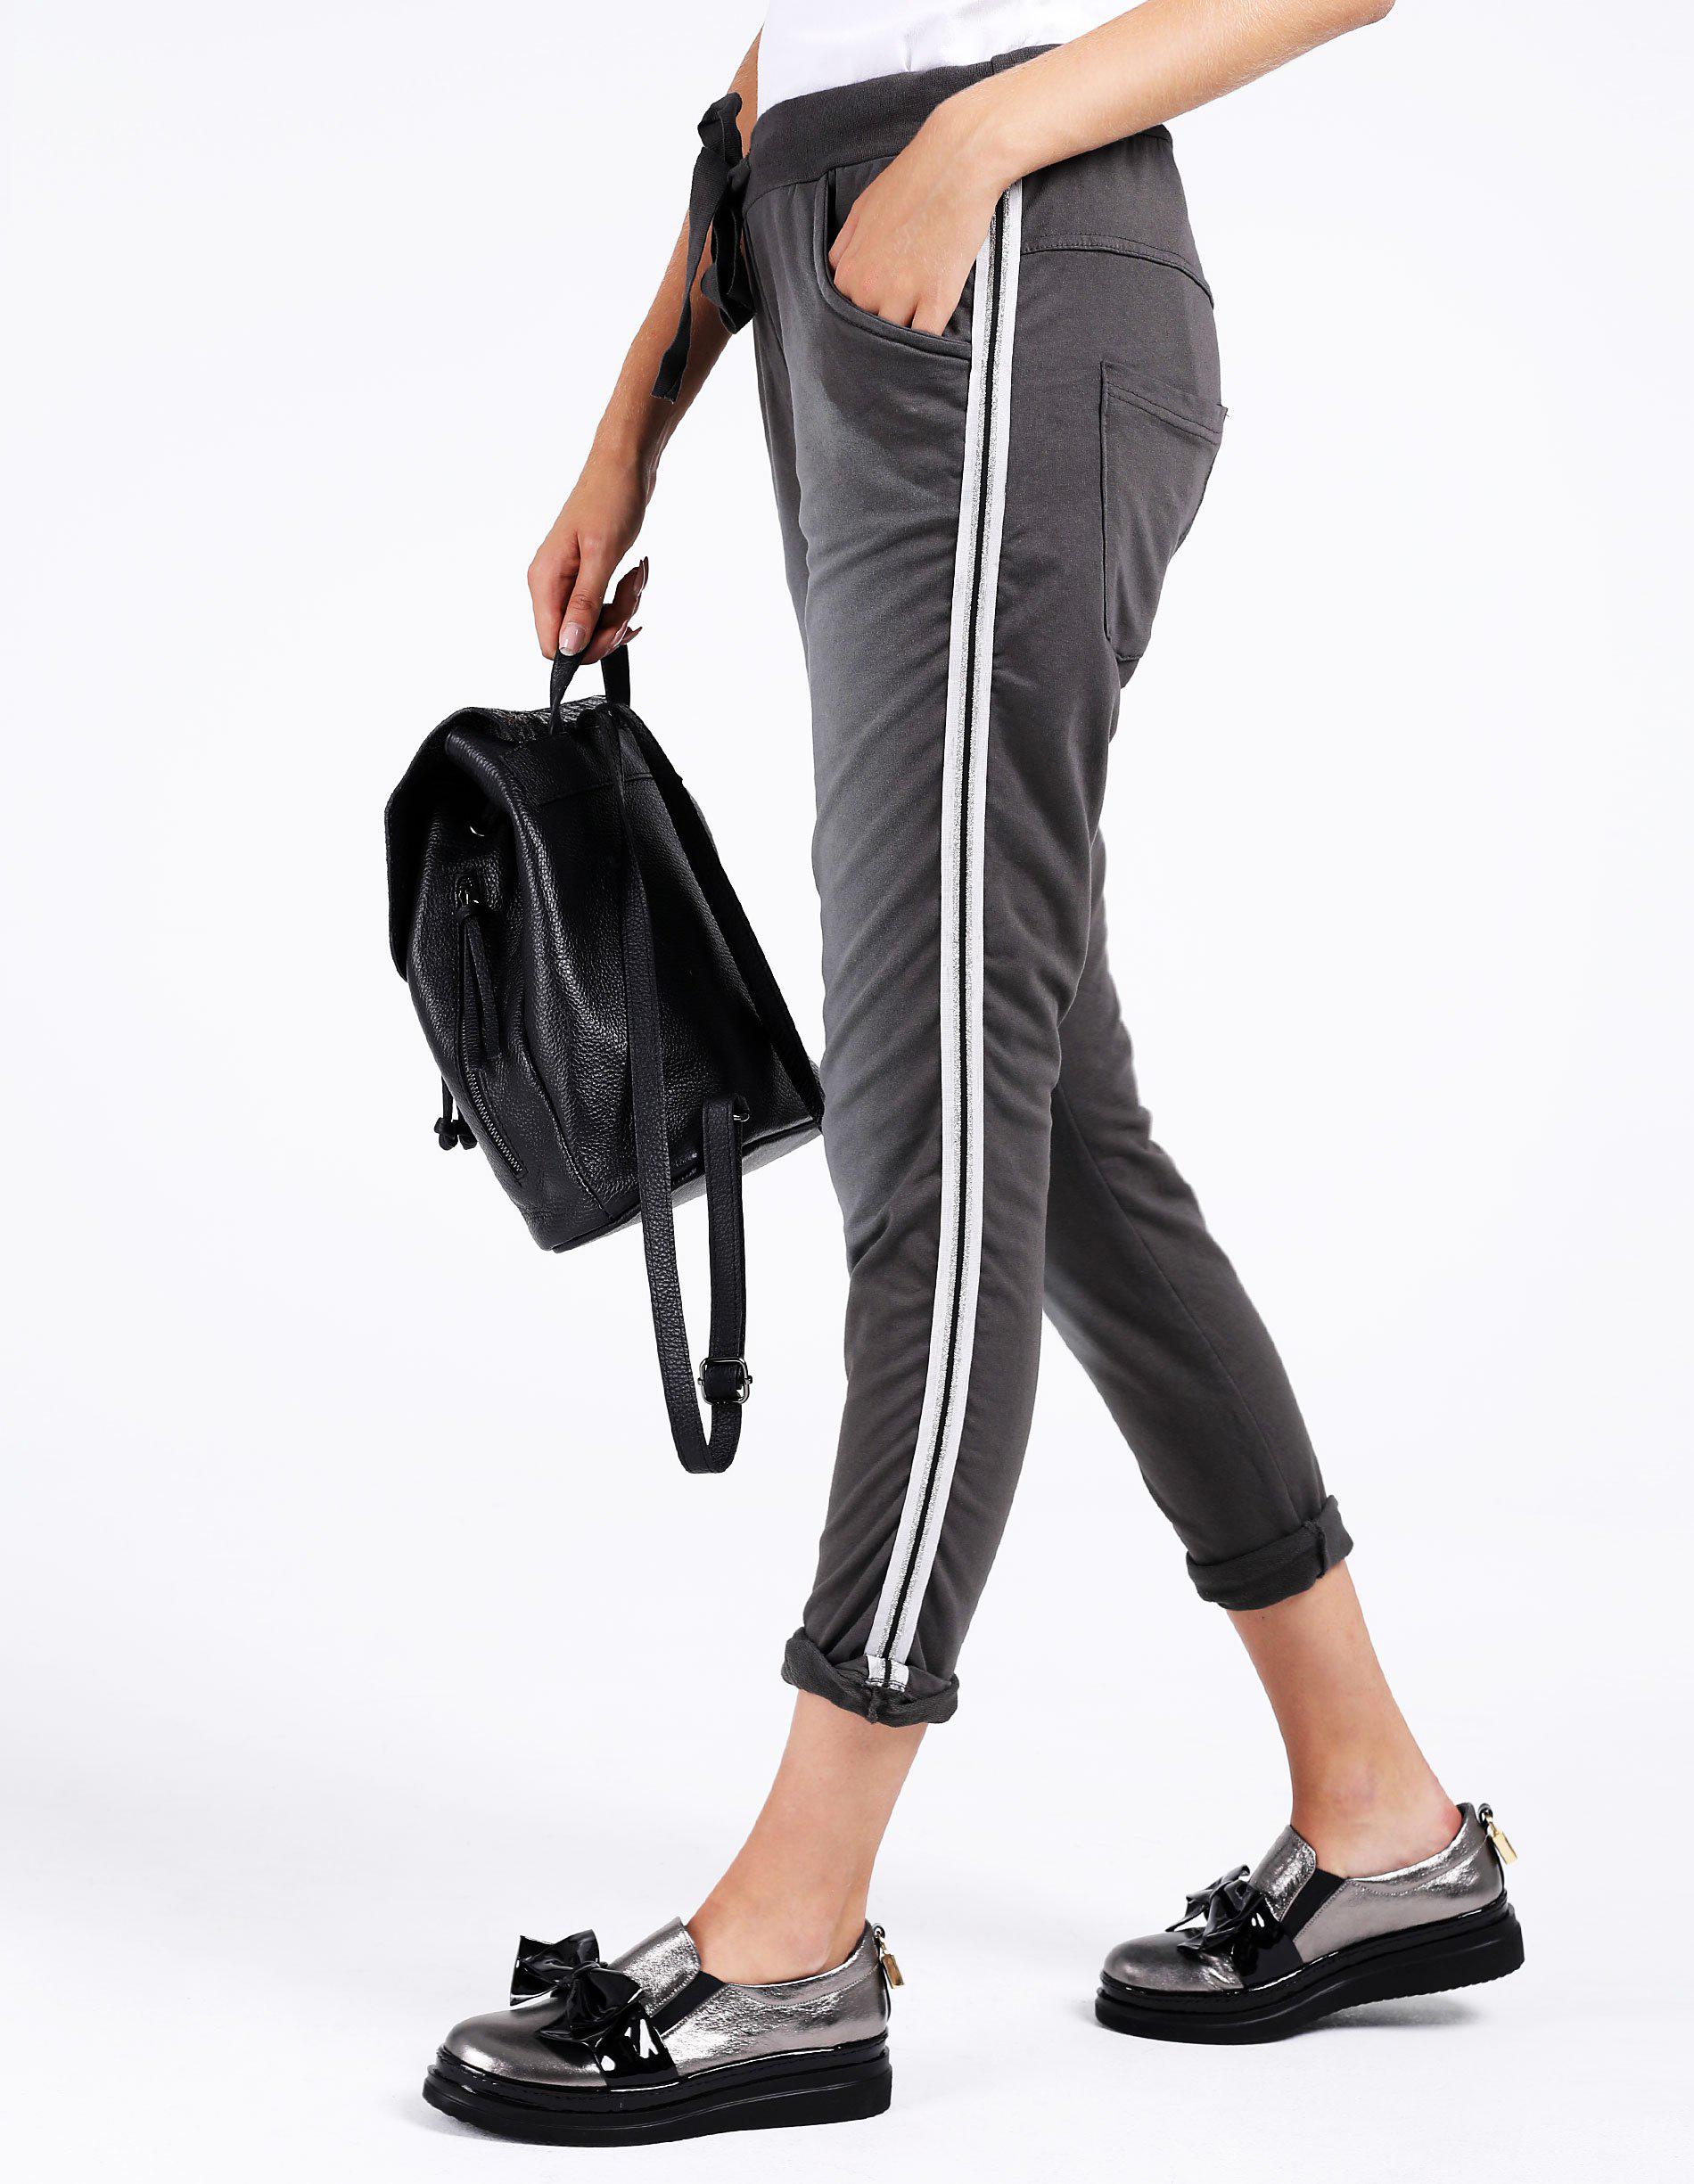 Spodnie - 164-6061 GRSC - Unisono